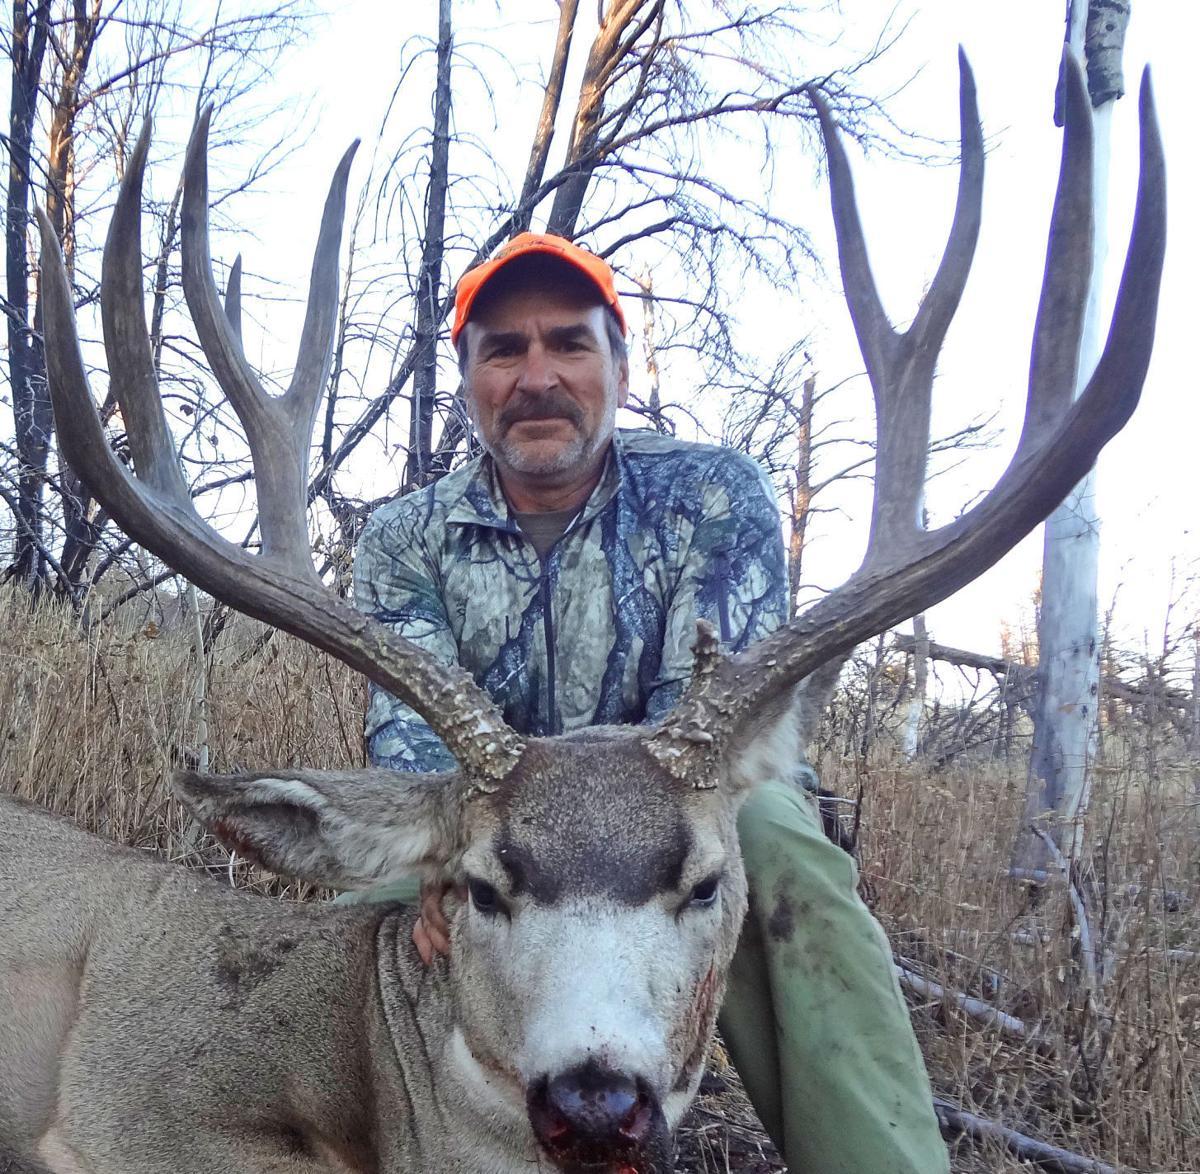 Wyoming hunter